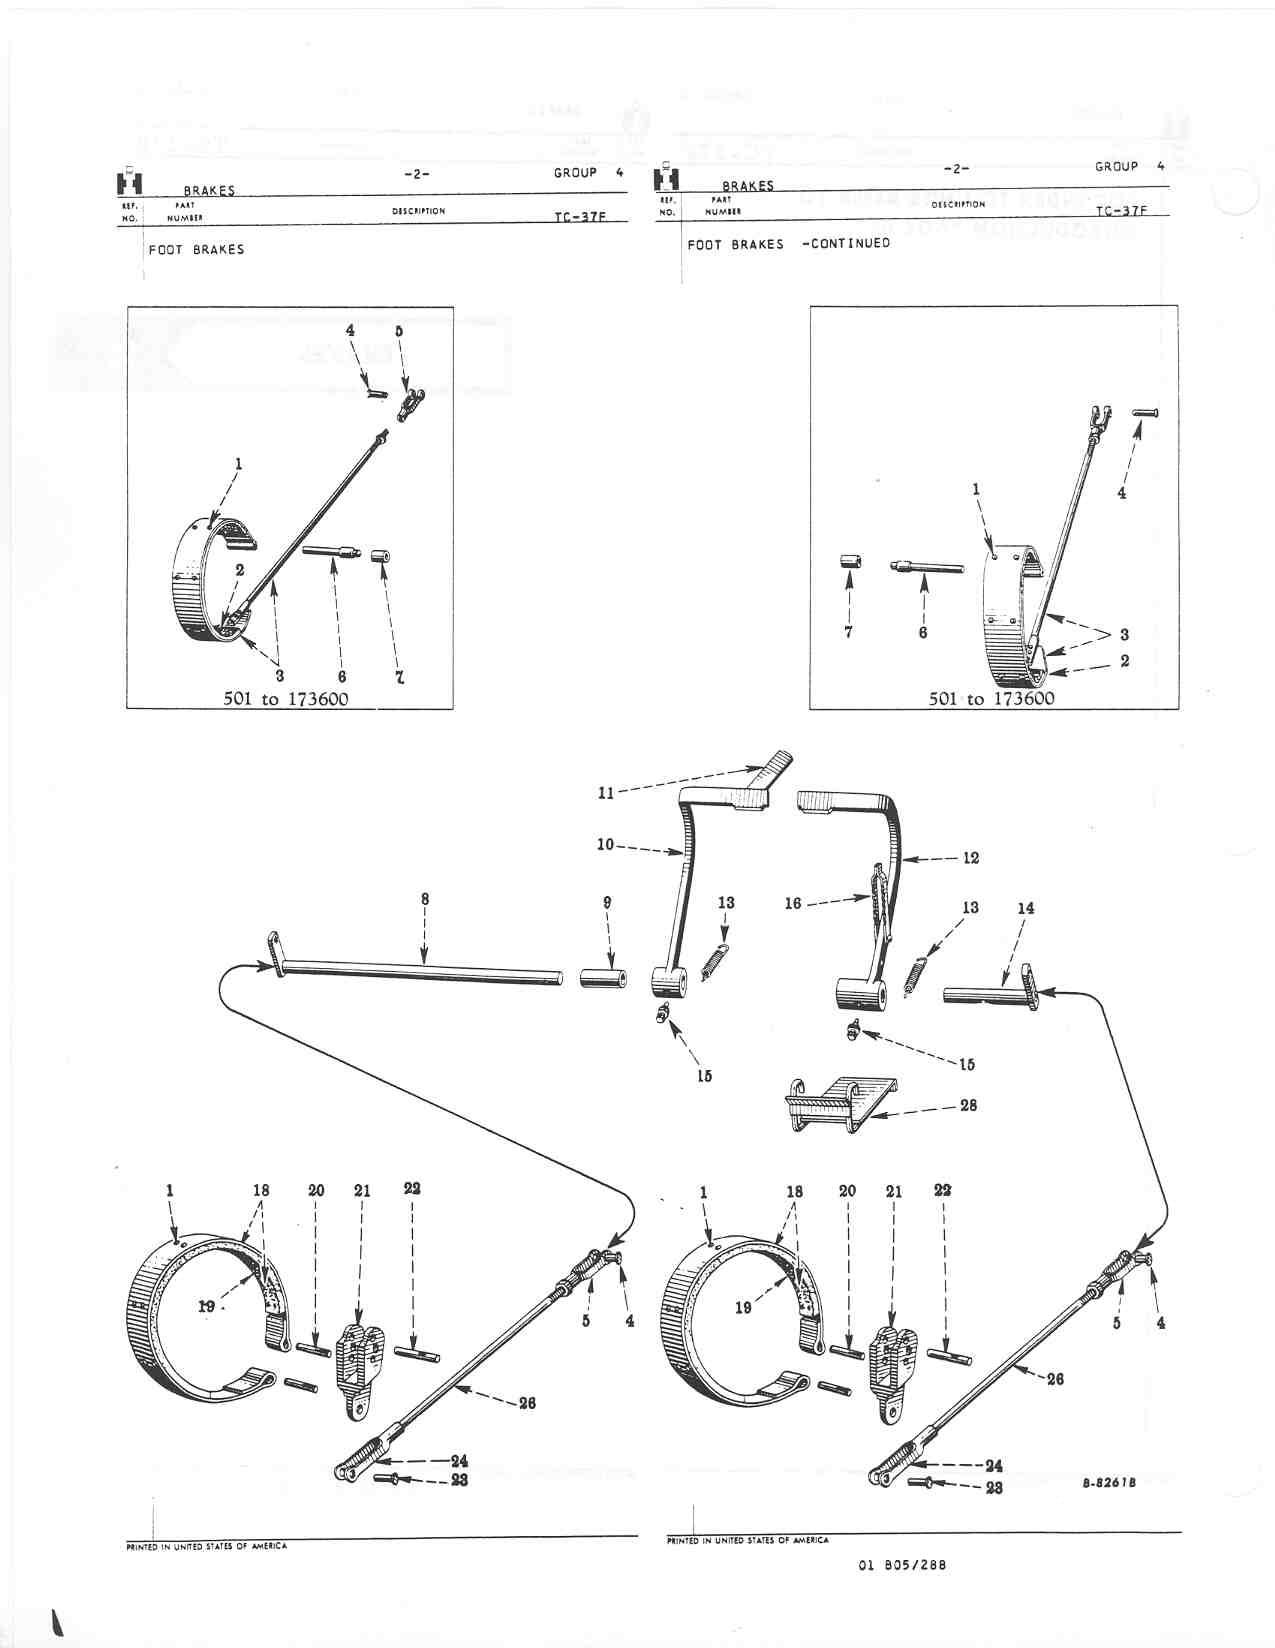 farmall cub brake diagram auto electrical wiring diagram u2022 rh 6weeks co uk